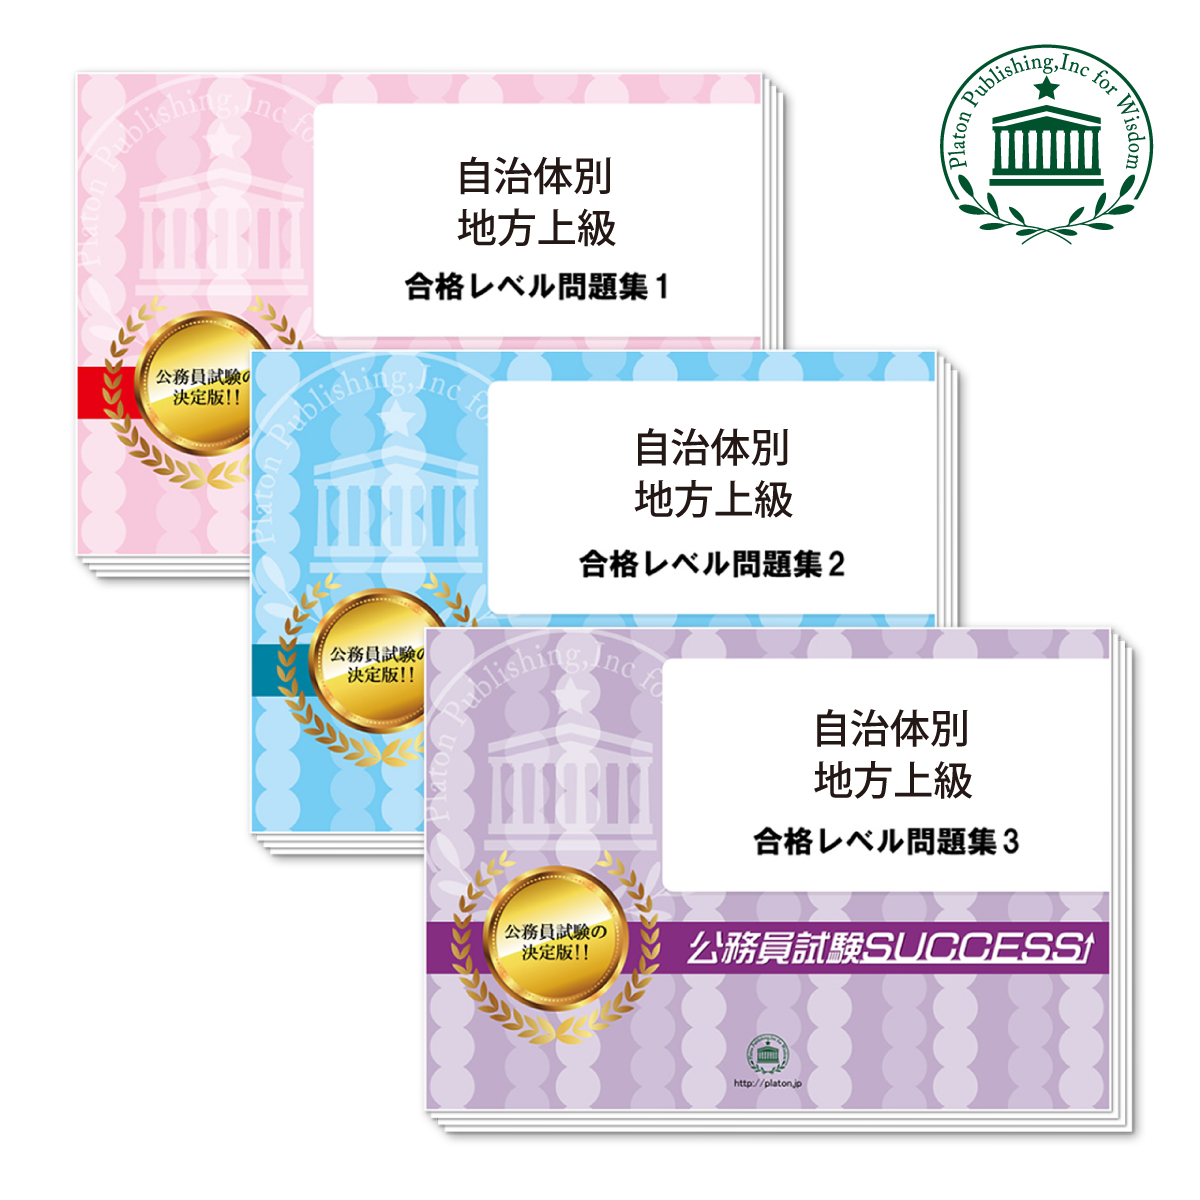 送料 代引手数料無料 福岡県職員採用 大学卒業程度 受賞店 低価格化 教養試験合格セット 3冊 1類